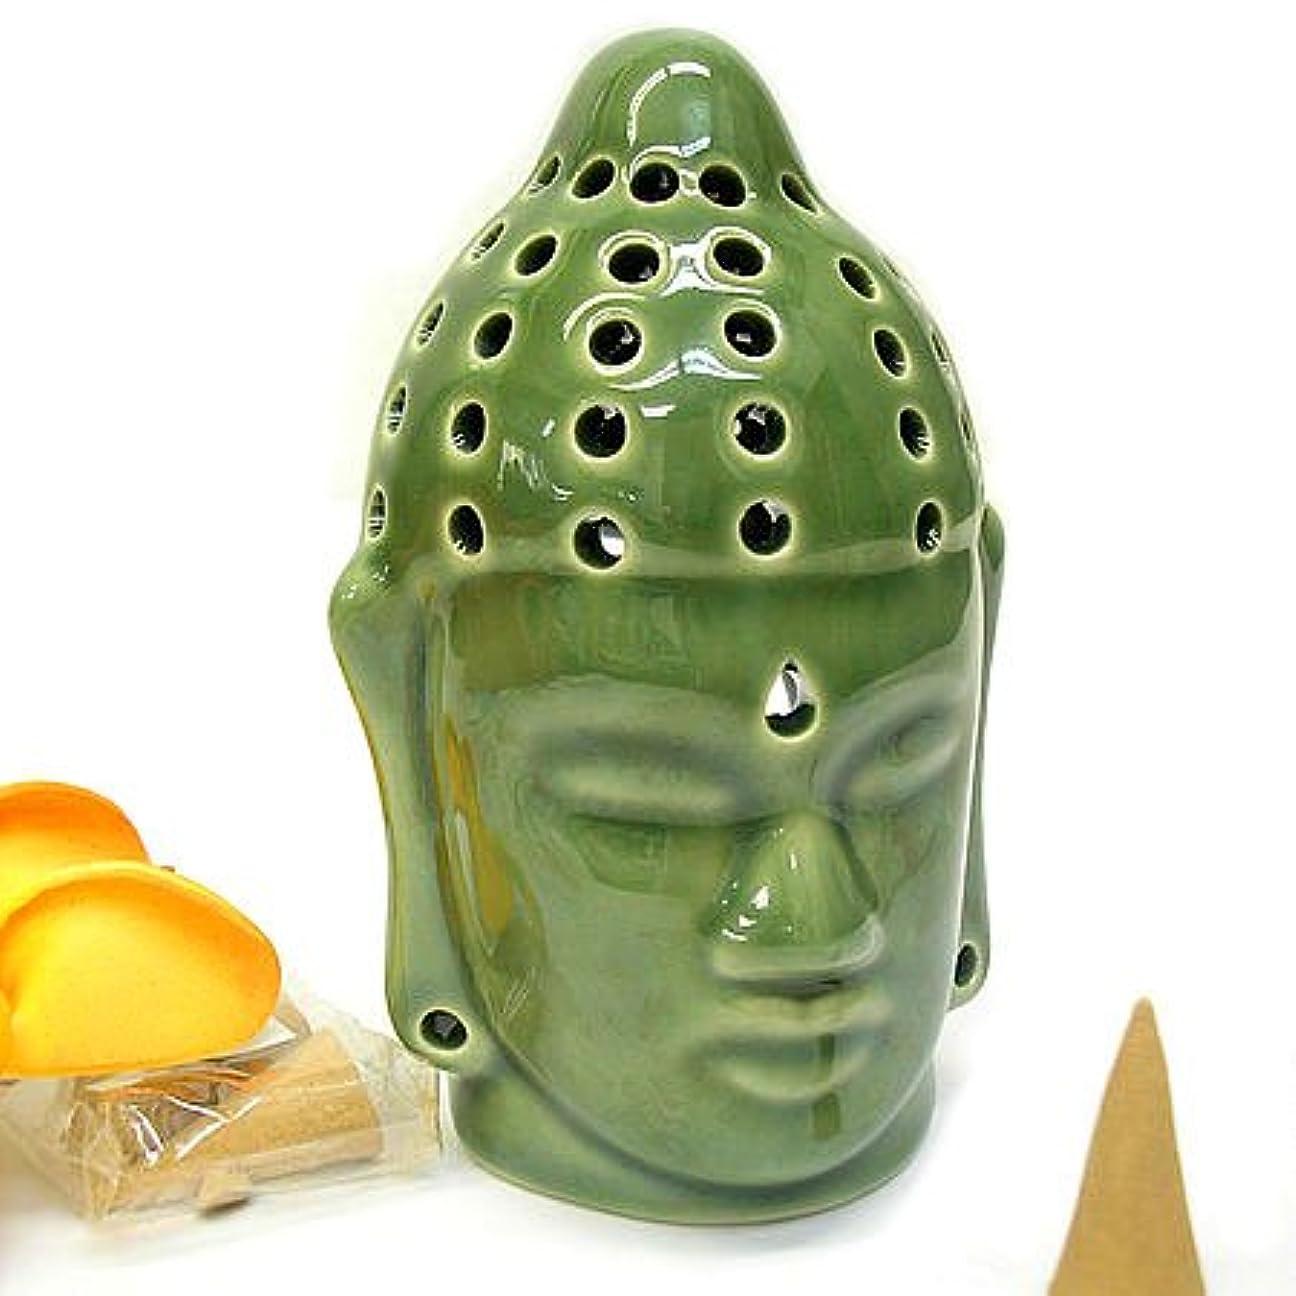 提案する卵ジム仏陀の お香たて 香炉 コーン用 緑 インセンスホルダー コーン用 お香立て お香たて アジアン雑貨 バリ雑貨